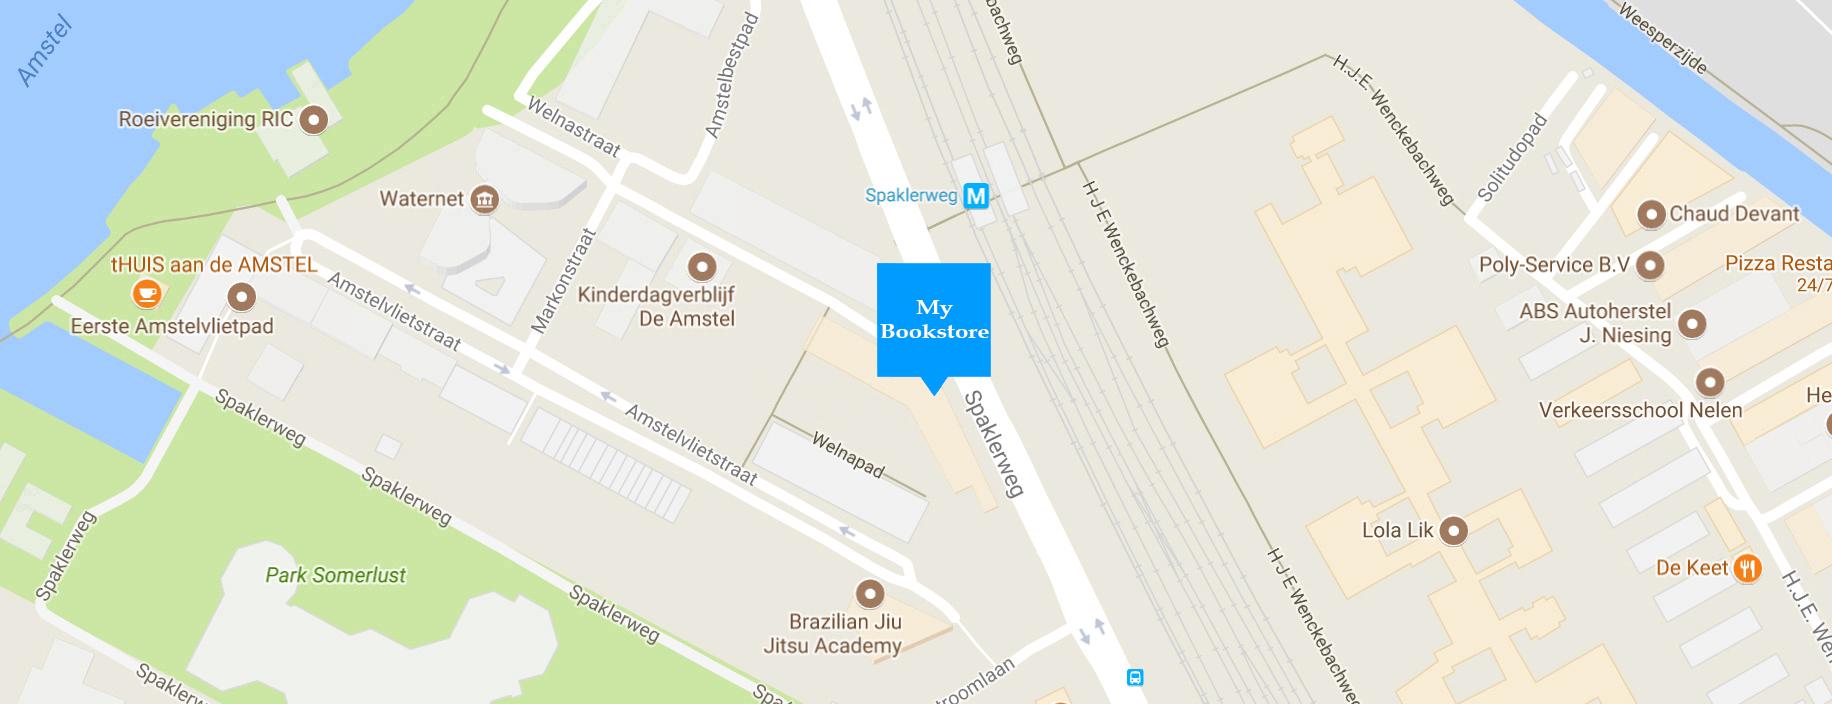 Amsterdams online Boek & Mediahuis B.V.KVK nummer: 69047359Spaklerweg 16 C1096 BA AmsterdamNetherland